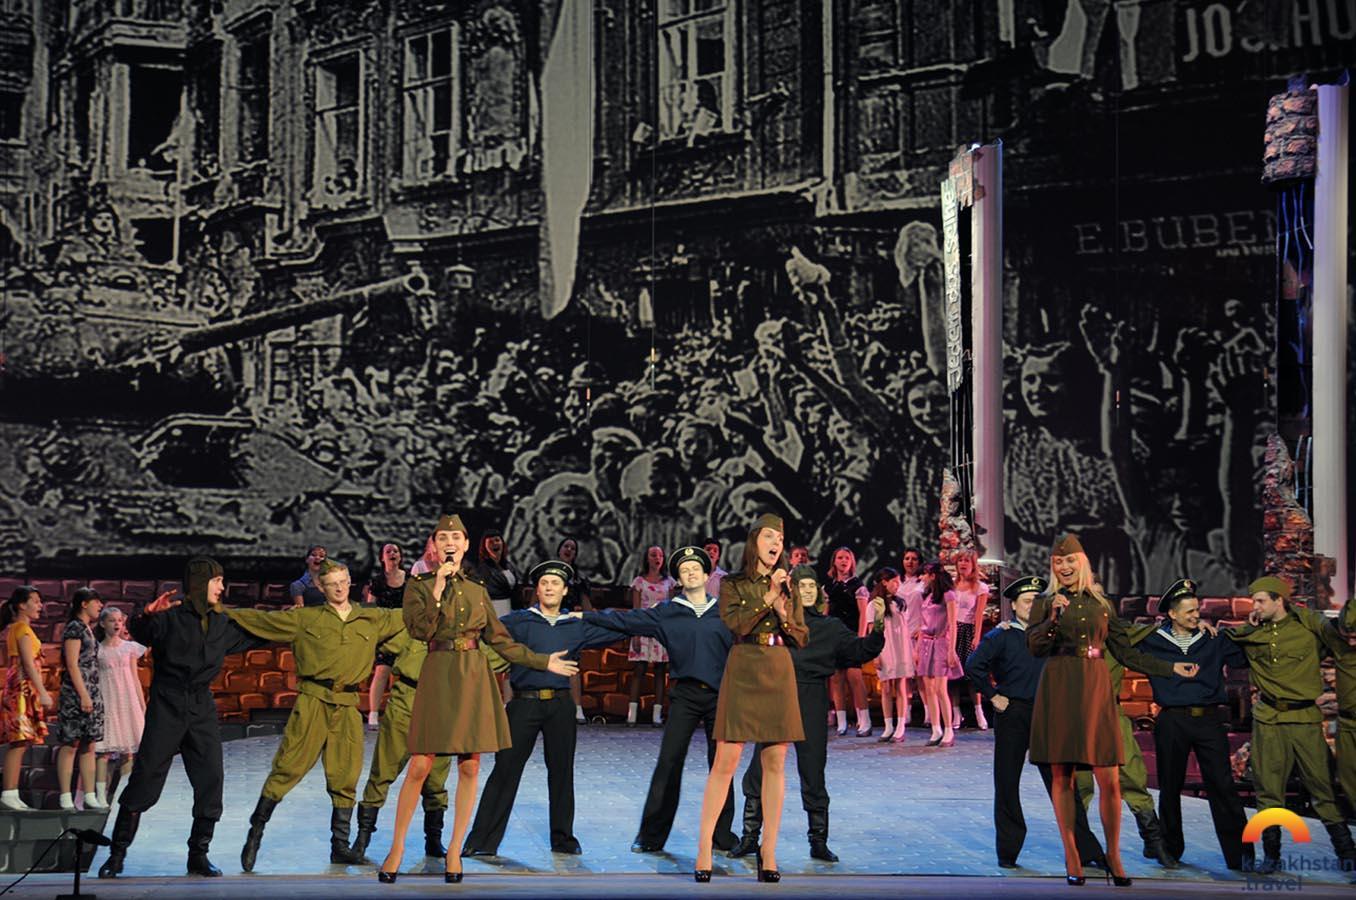 Фестиваль театров СНГ, посвященный 75-летию Победы ВОВ